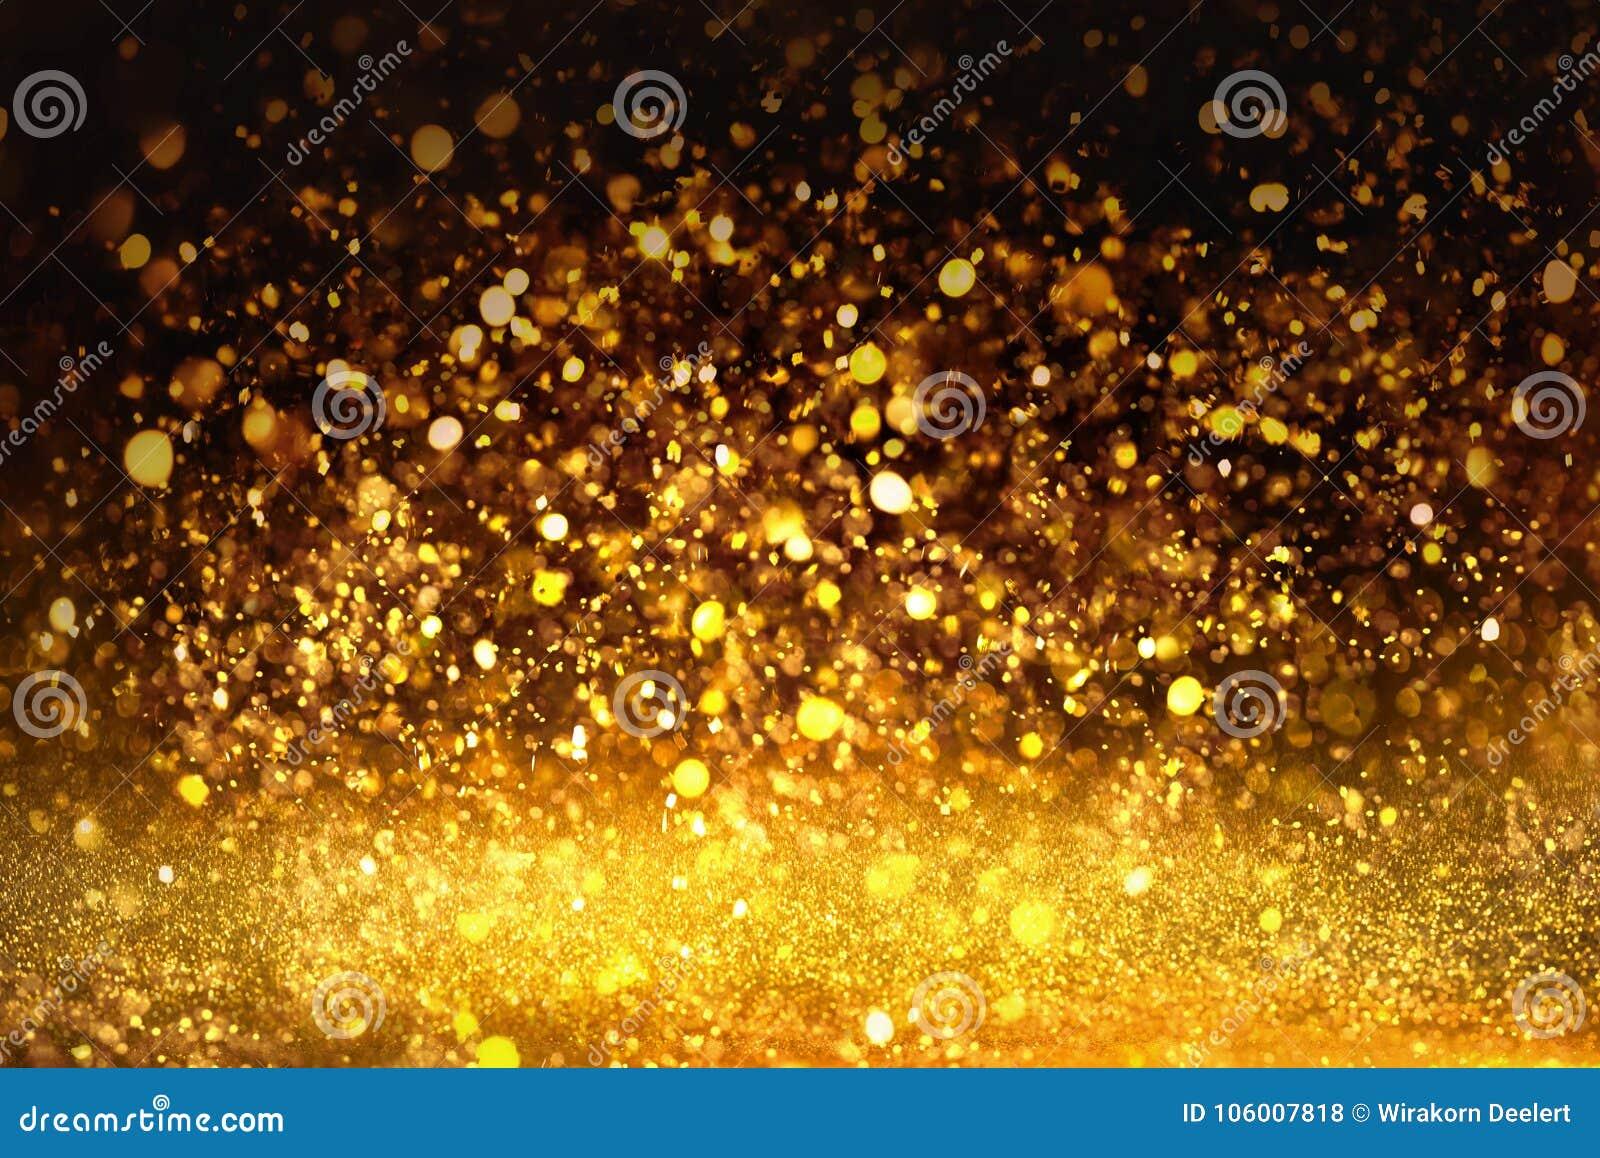 La texture d or Colorfull de scintillement a brouillé le fond abstrait pour l anniversaire, l anniversaire, le mariage, la soirée